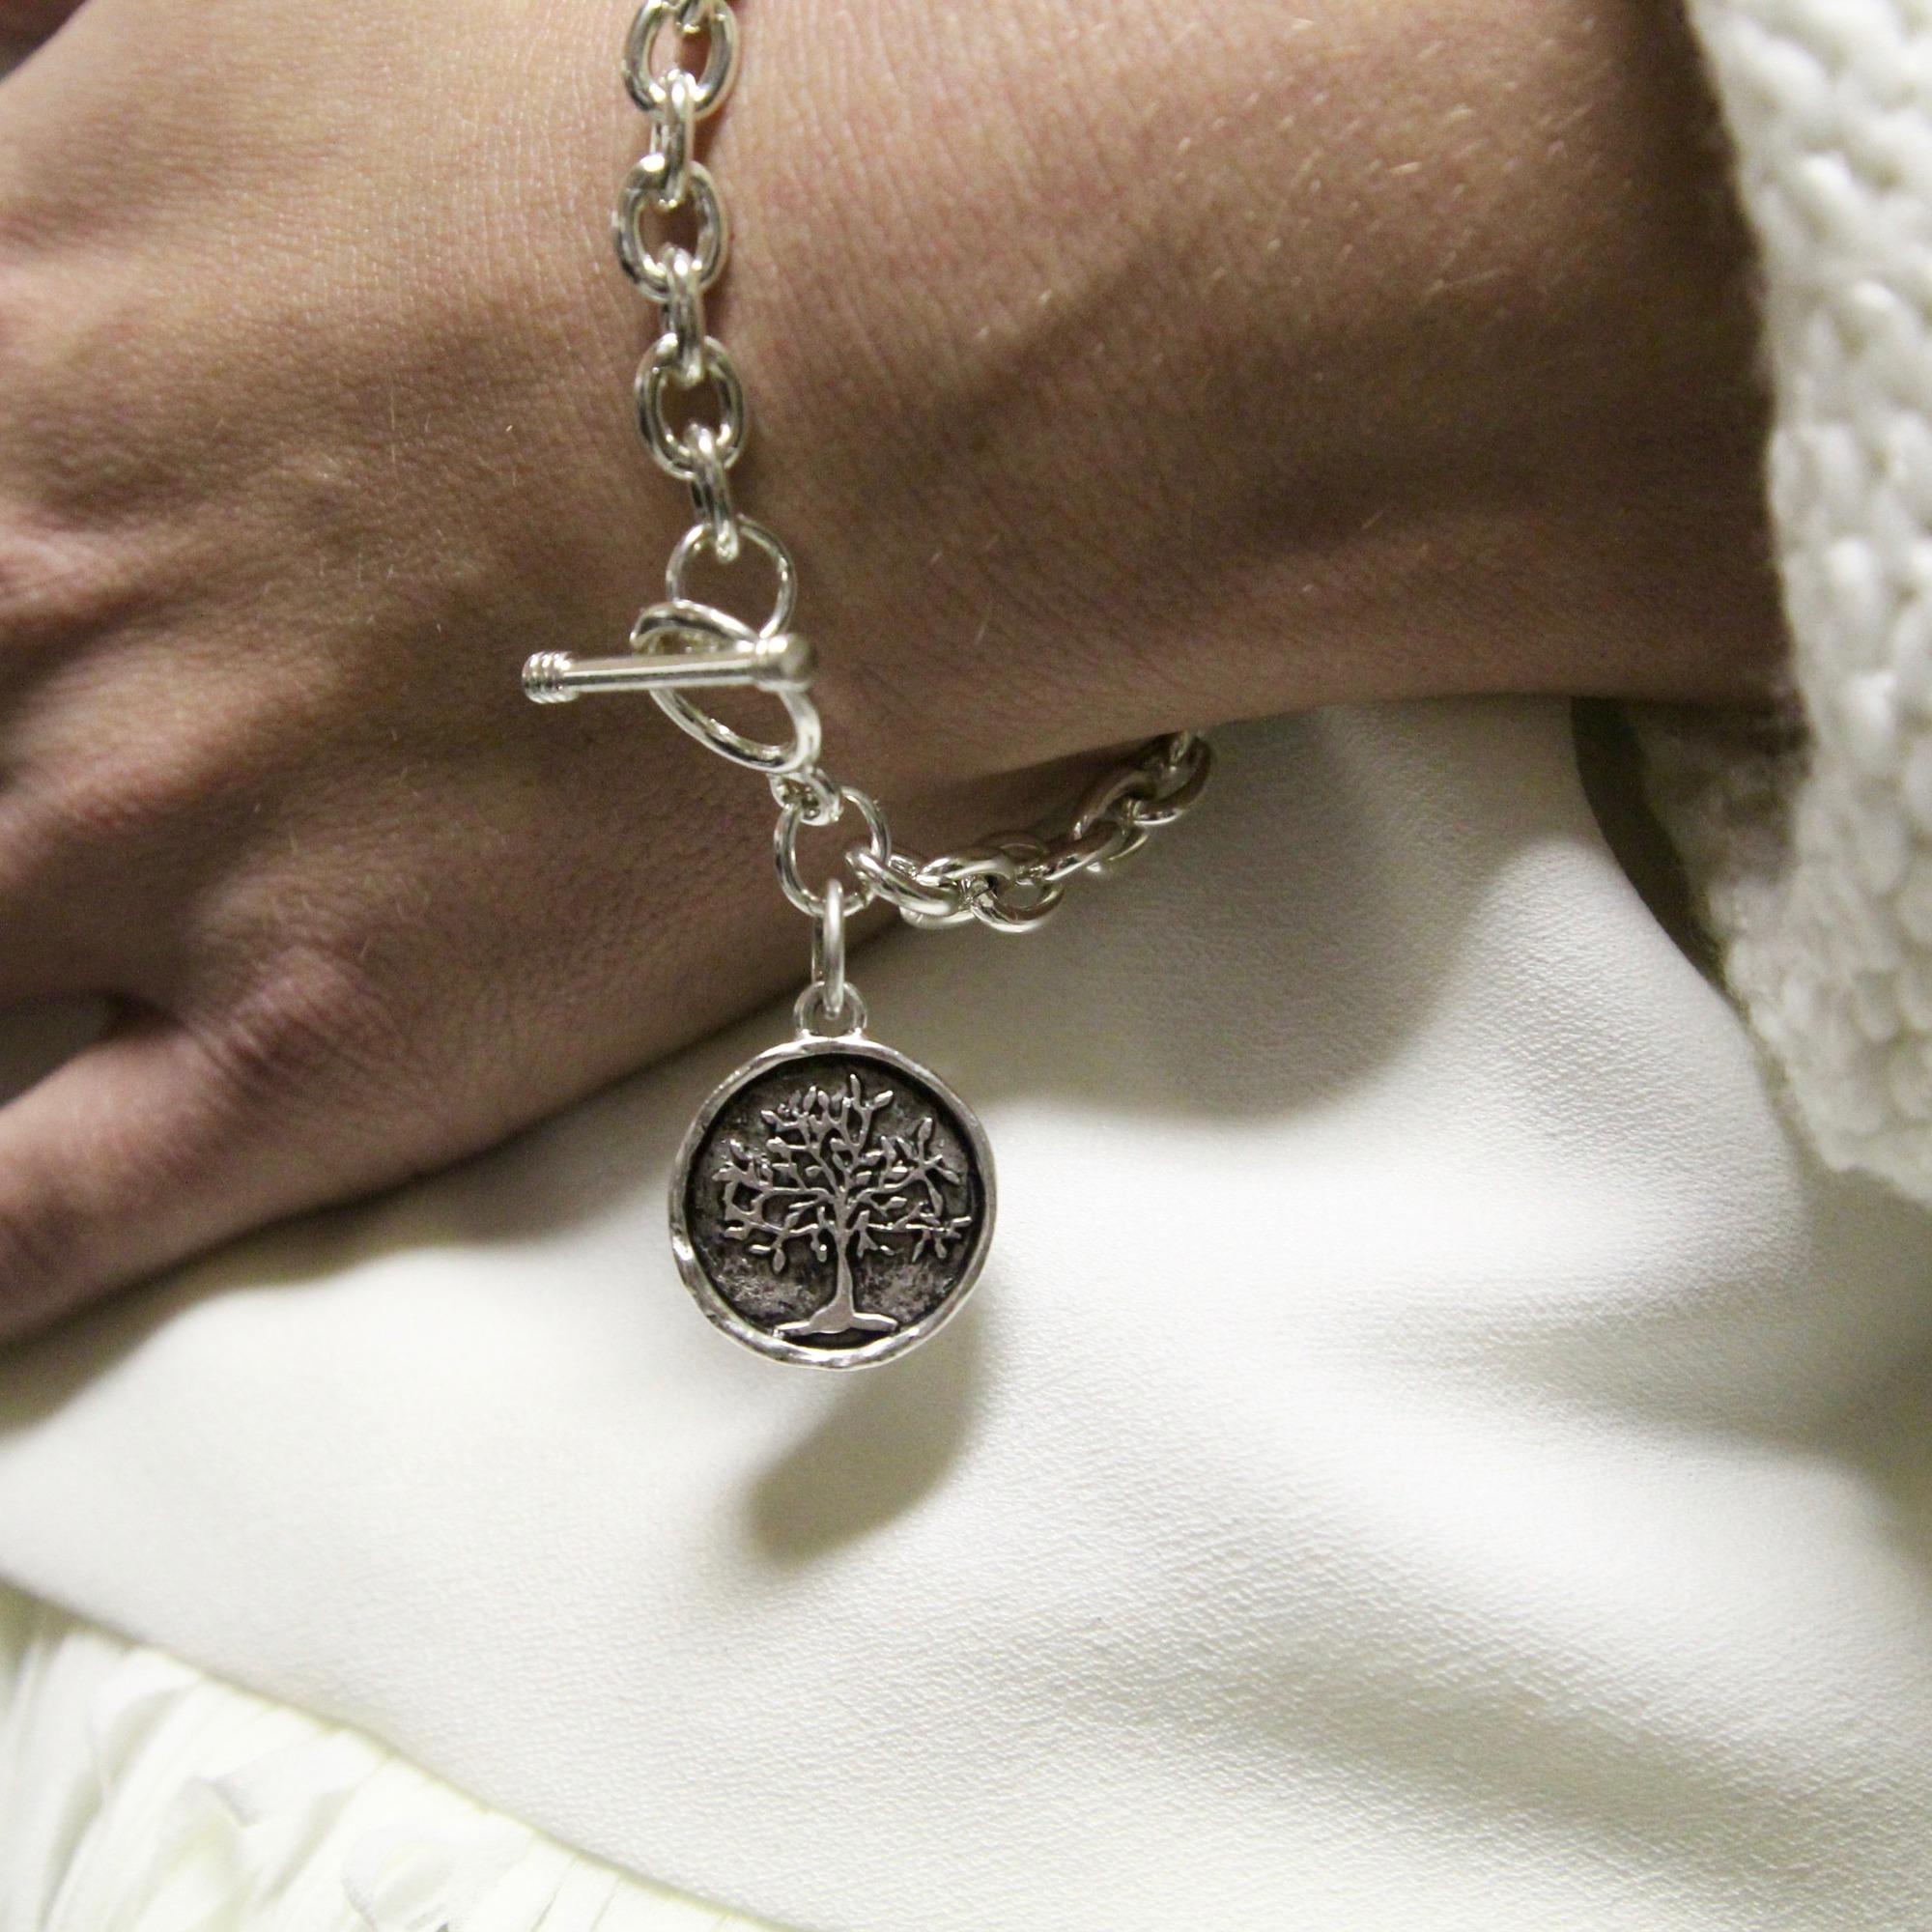 e597df0d3 Tiffany Style Tree of Life Bracelet | The Catholic Company